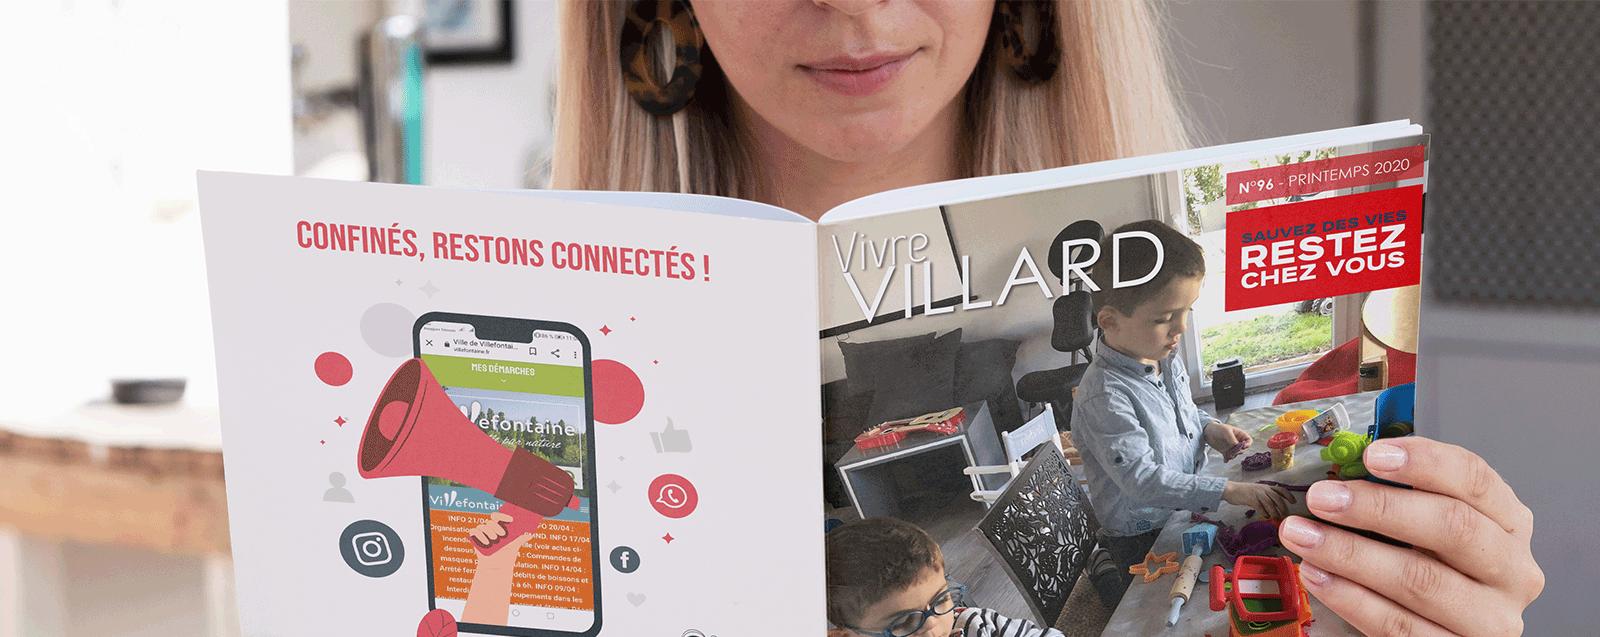 Vivre-Villard-Villefontaine